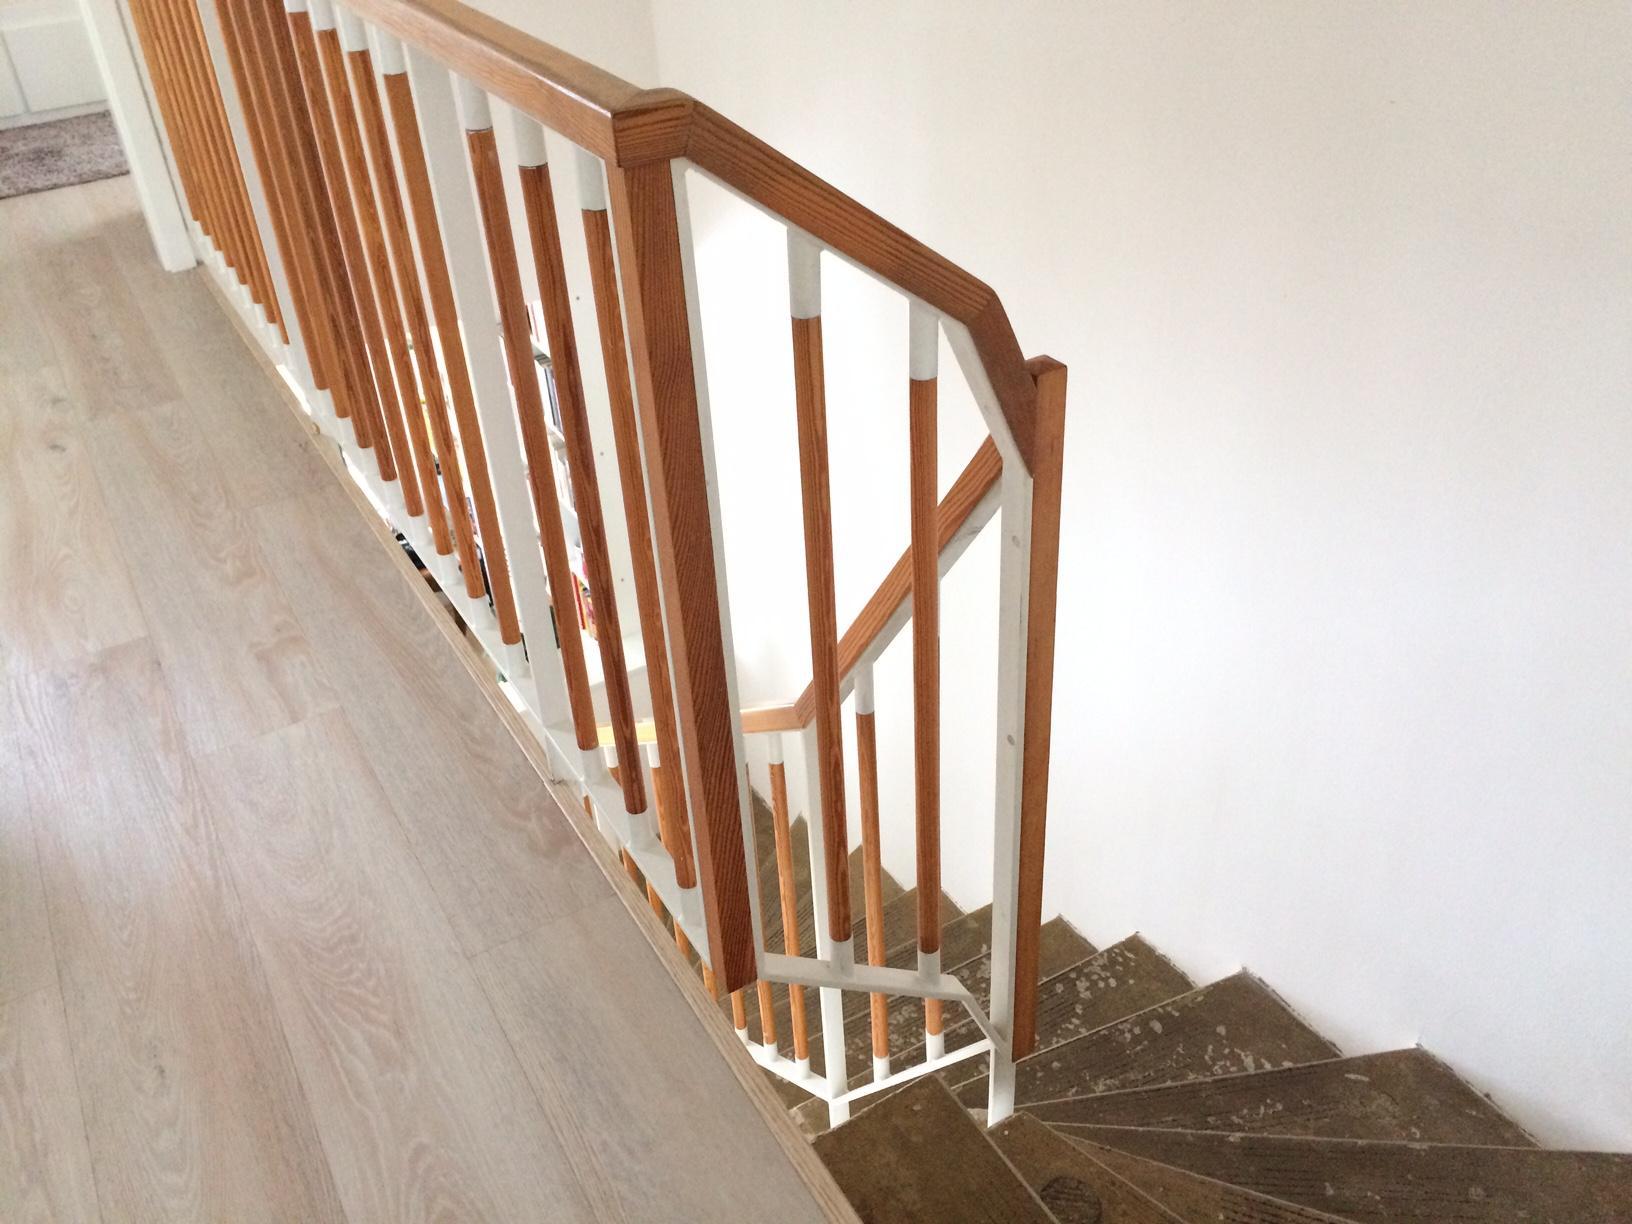 Renovace schodiště - zábradlí bohužel zůstává, zkusím nějaké vylepšení svépomocí